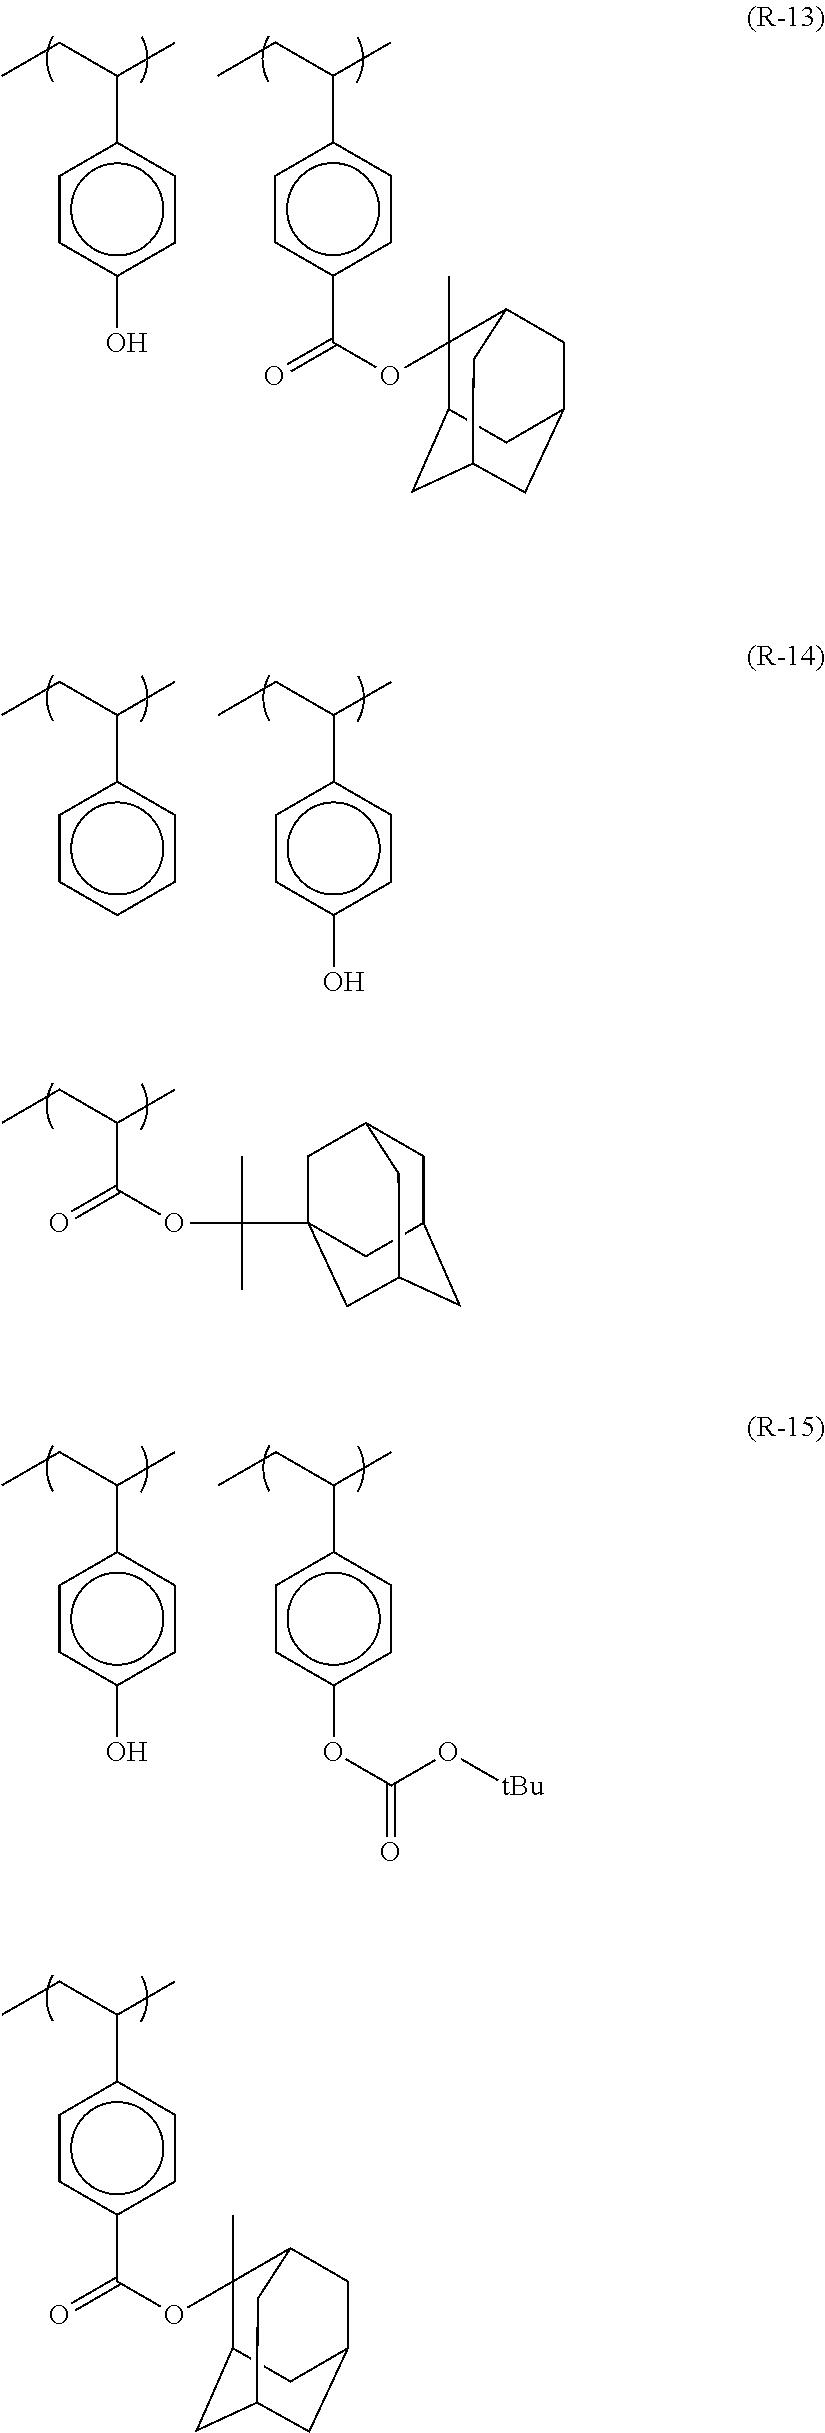 Figure US08404427-20130326-C00035